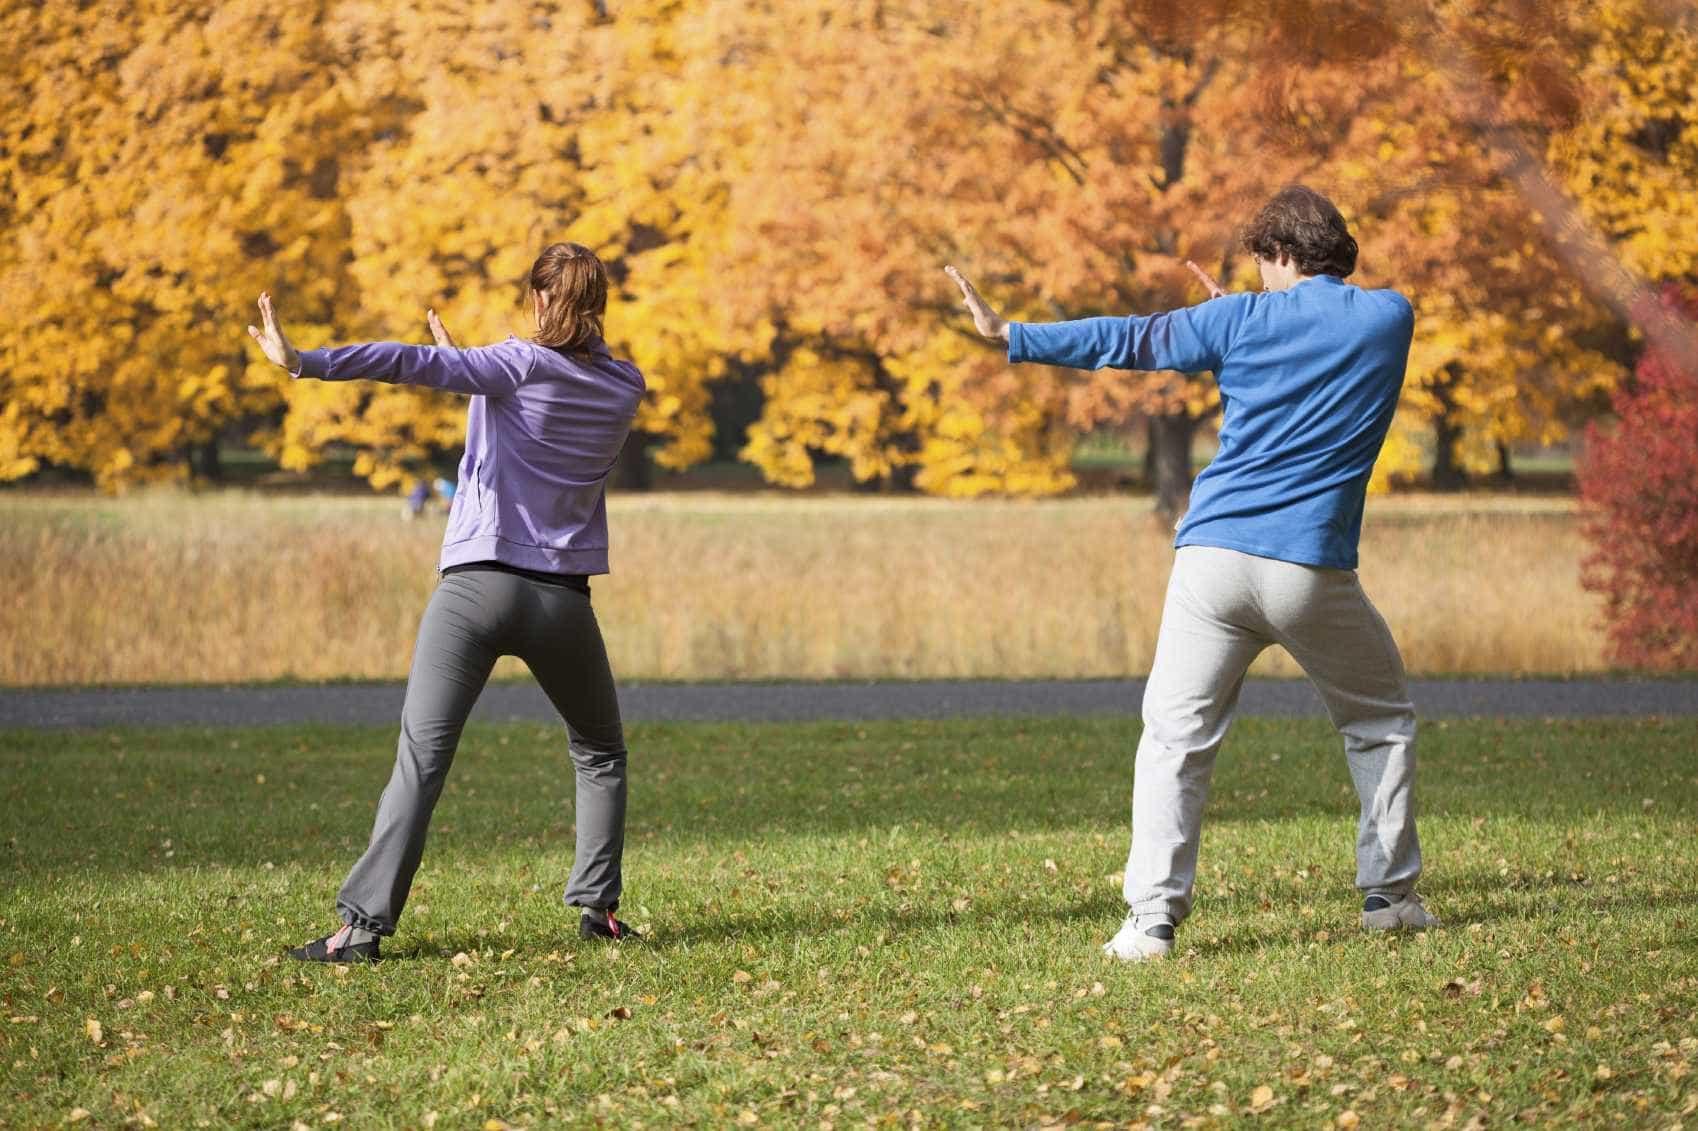 Tecnologia que envolve dança e tai chi permite evitar quedas dos idosos